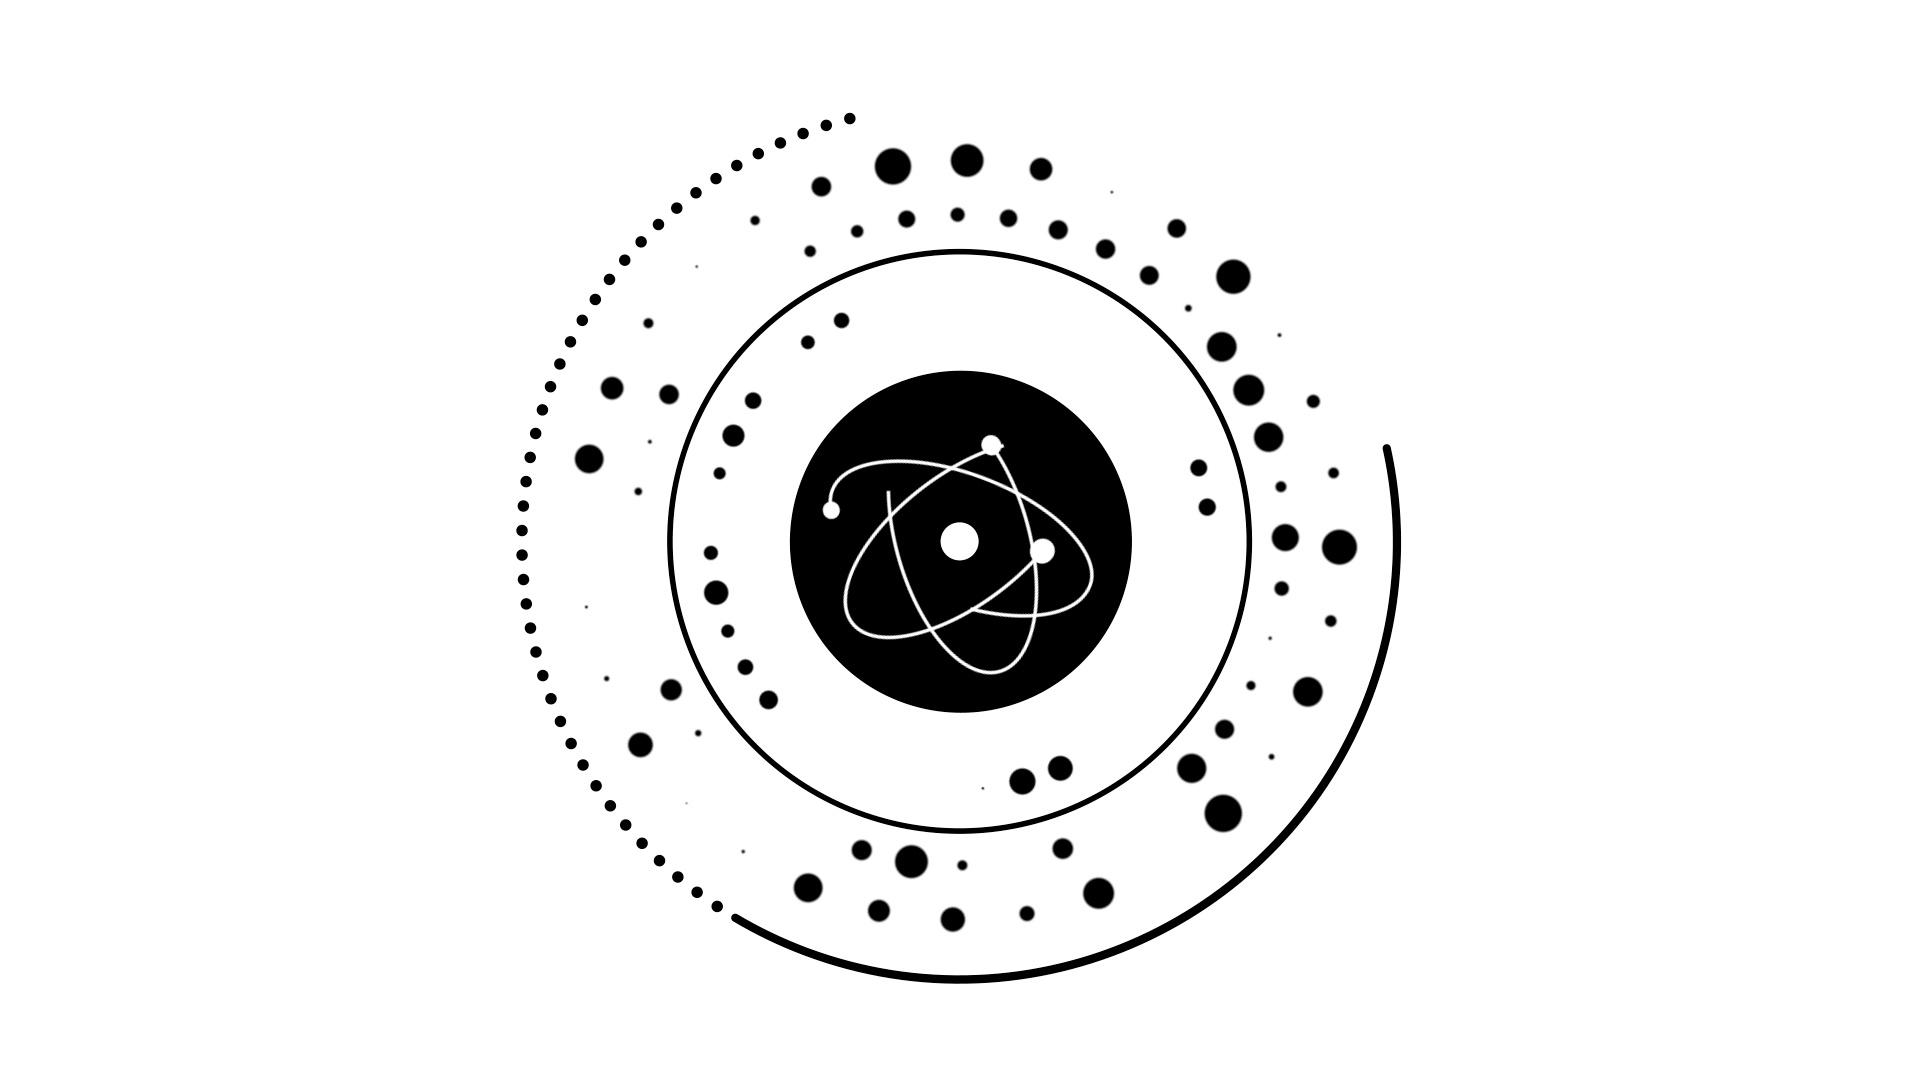 Quantium_Stills_04.jpg